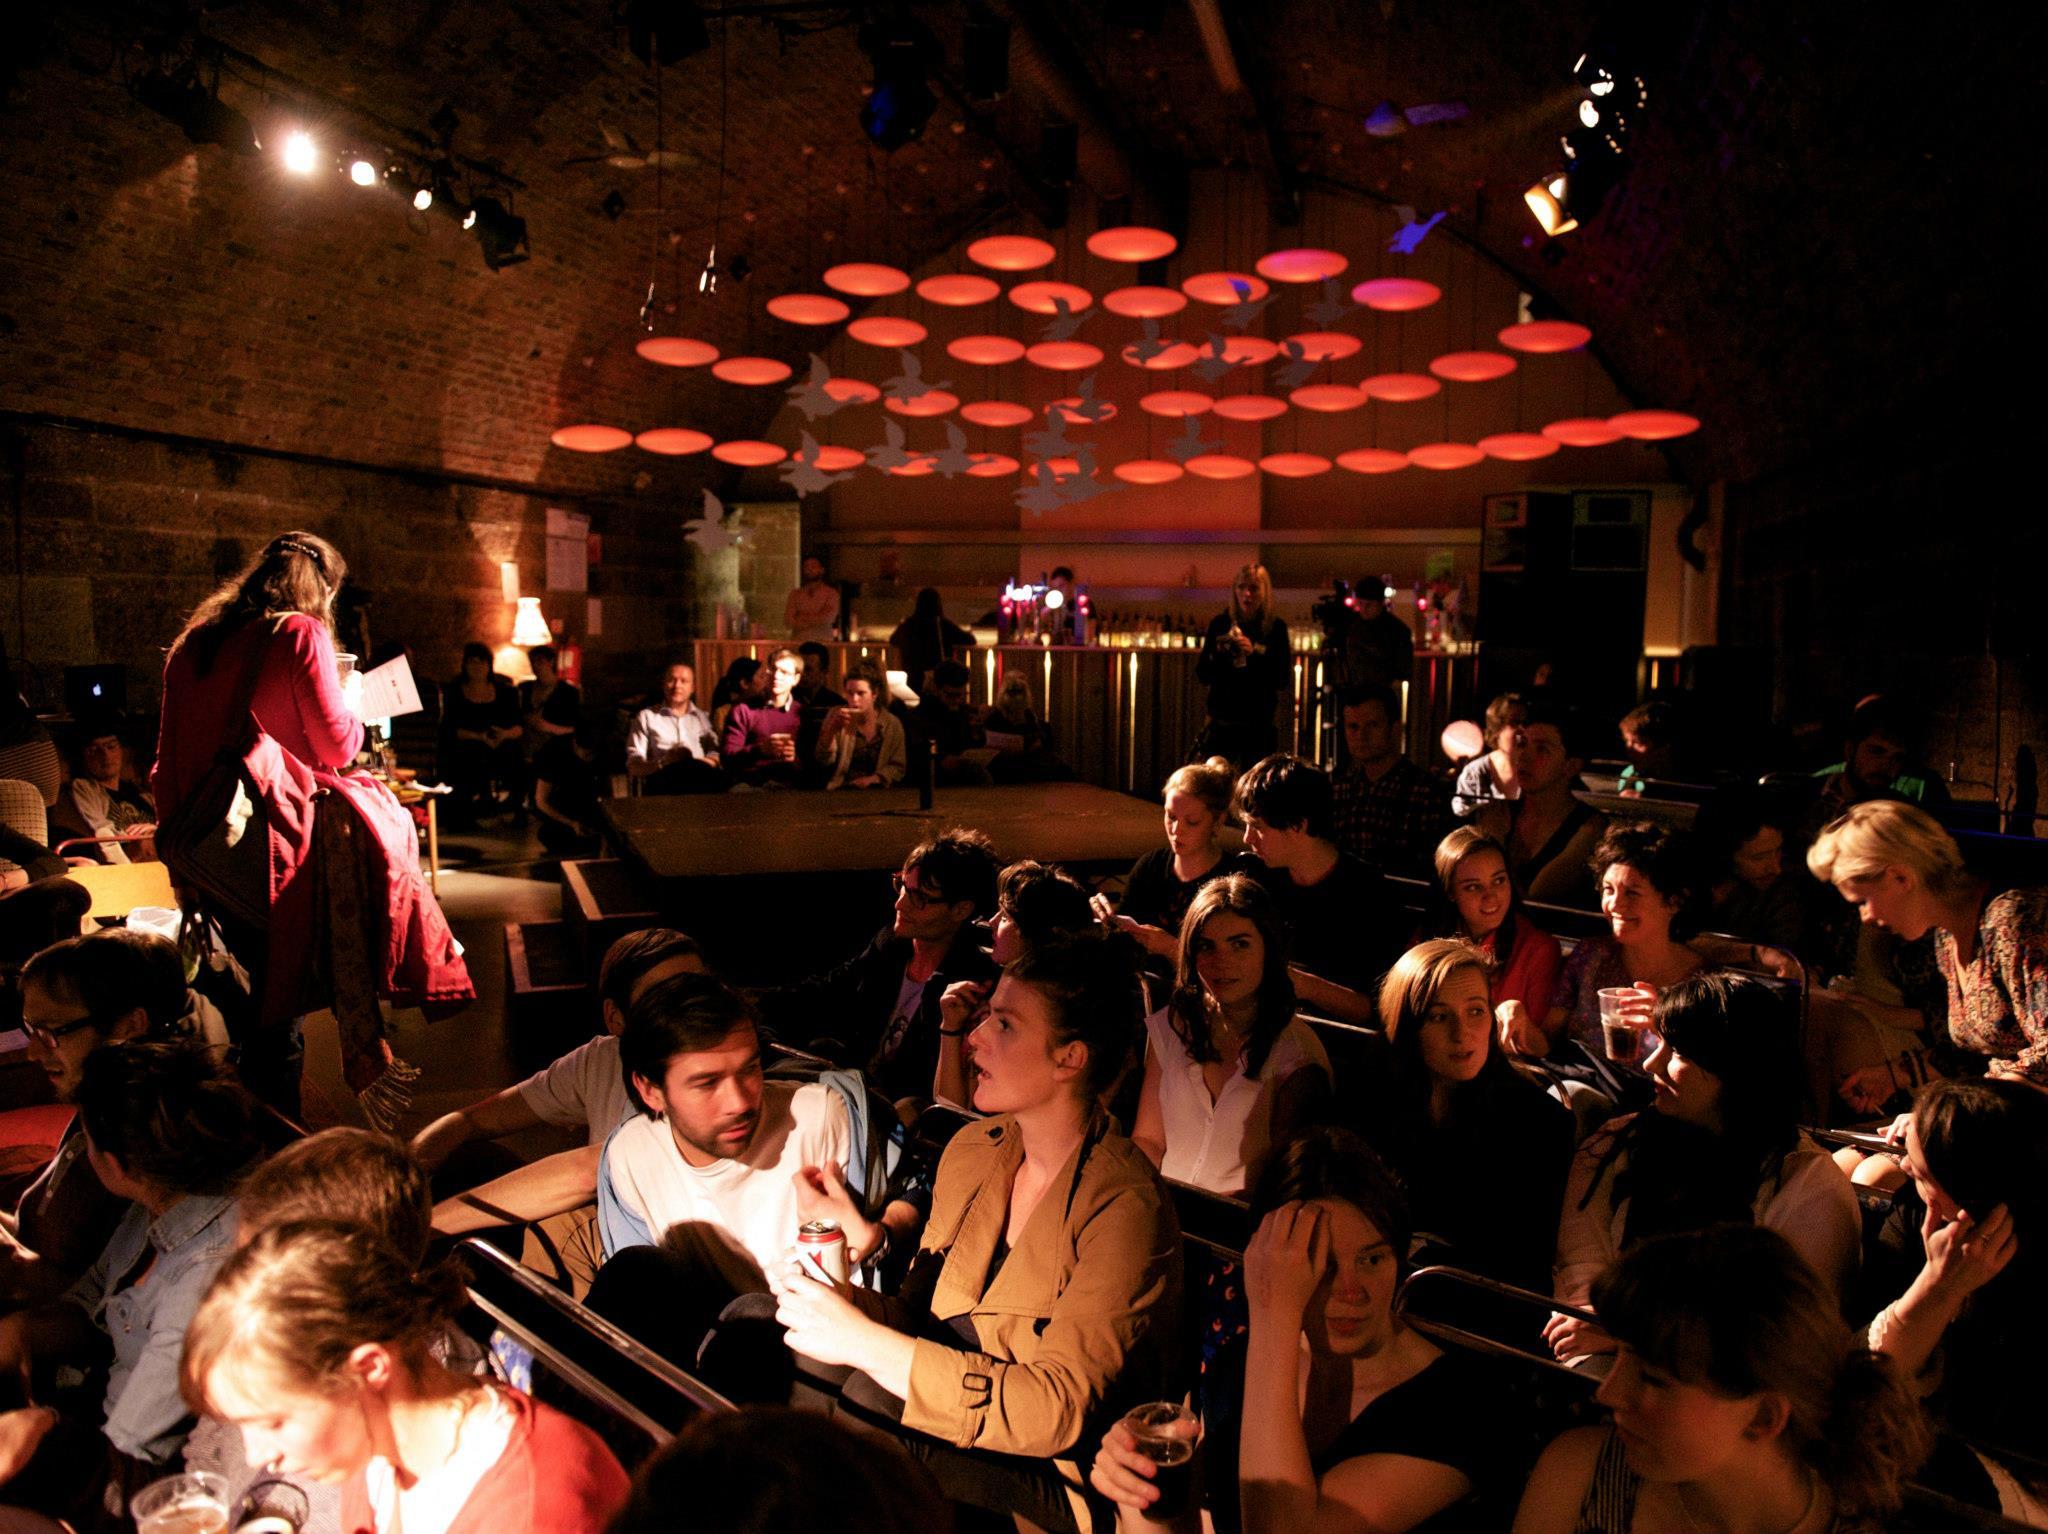 ttn-theatre-show-06